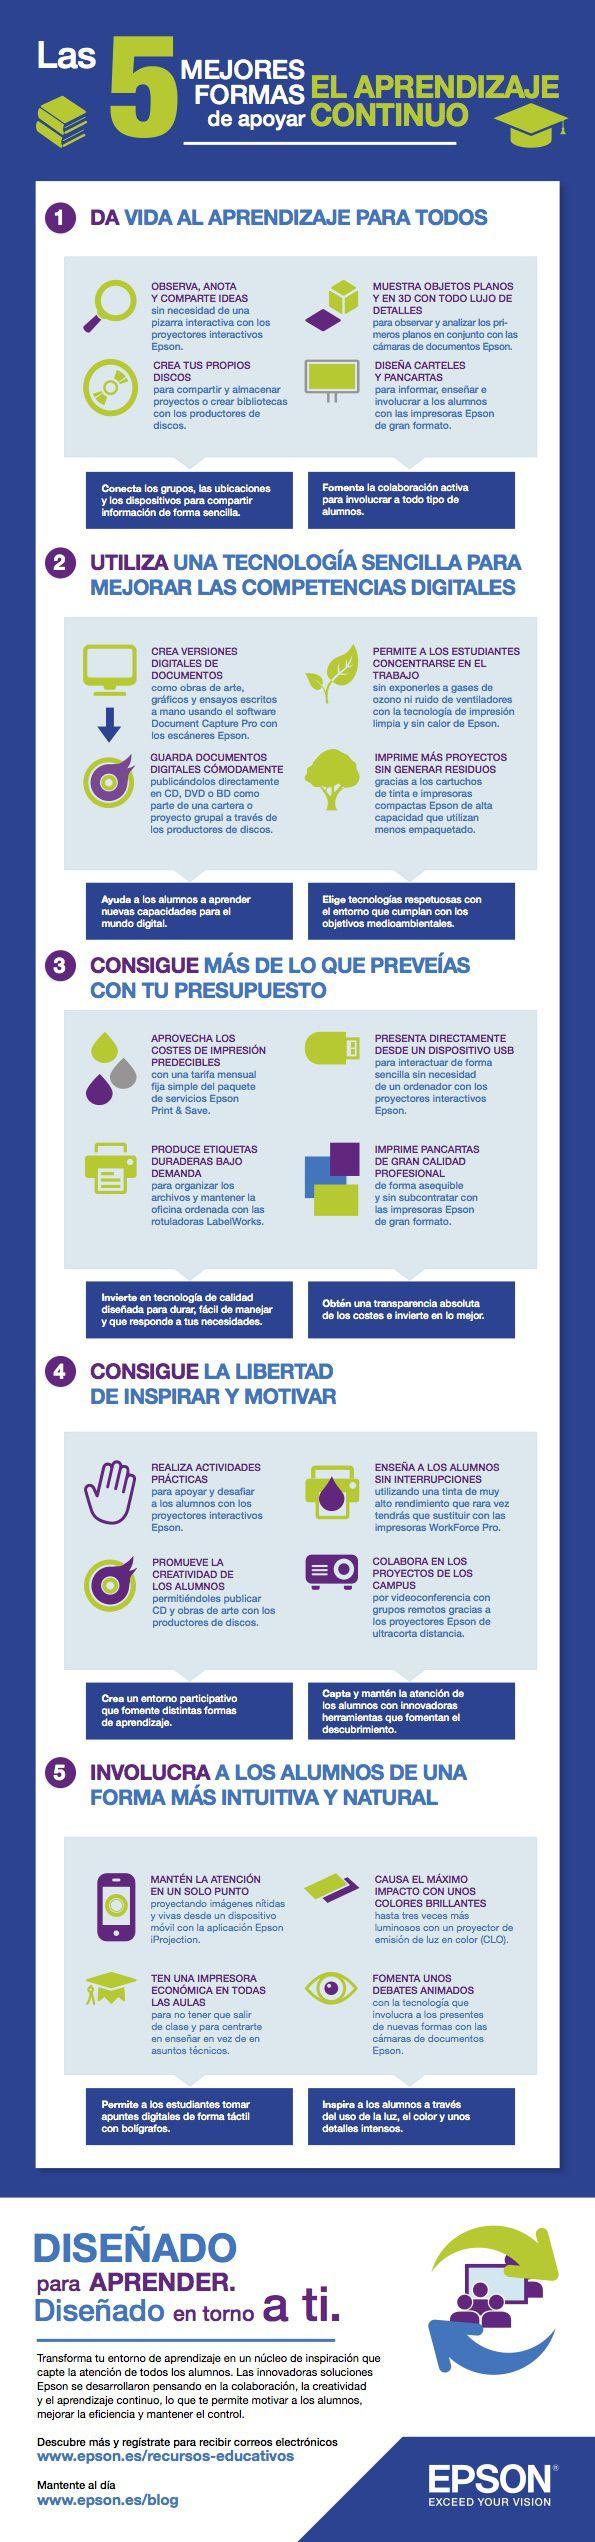 5 formas de apoyar el aprendizaje continuo #infografia